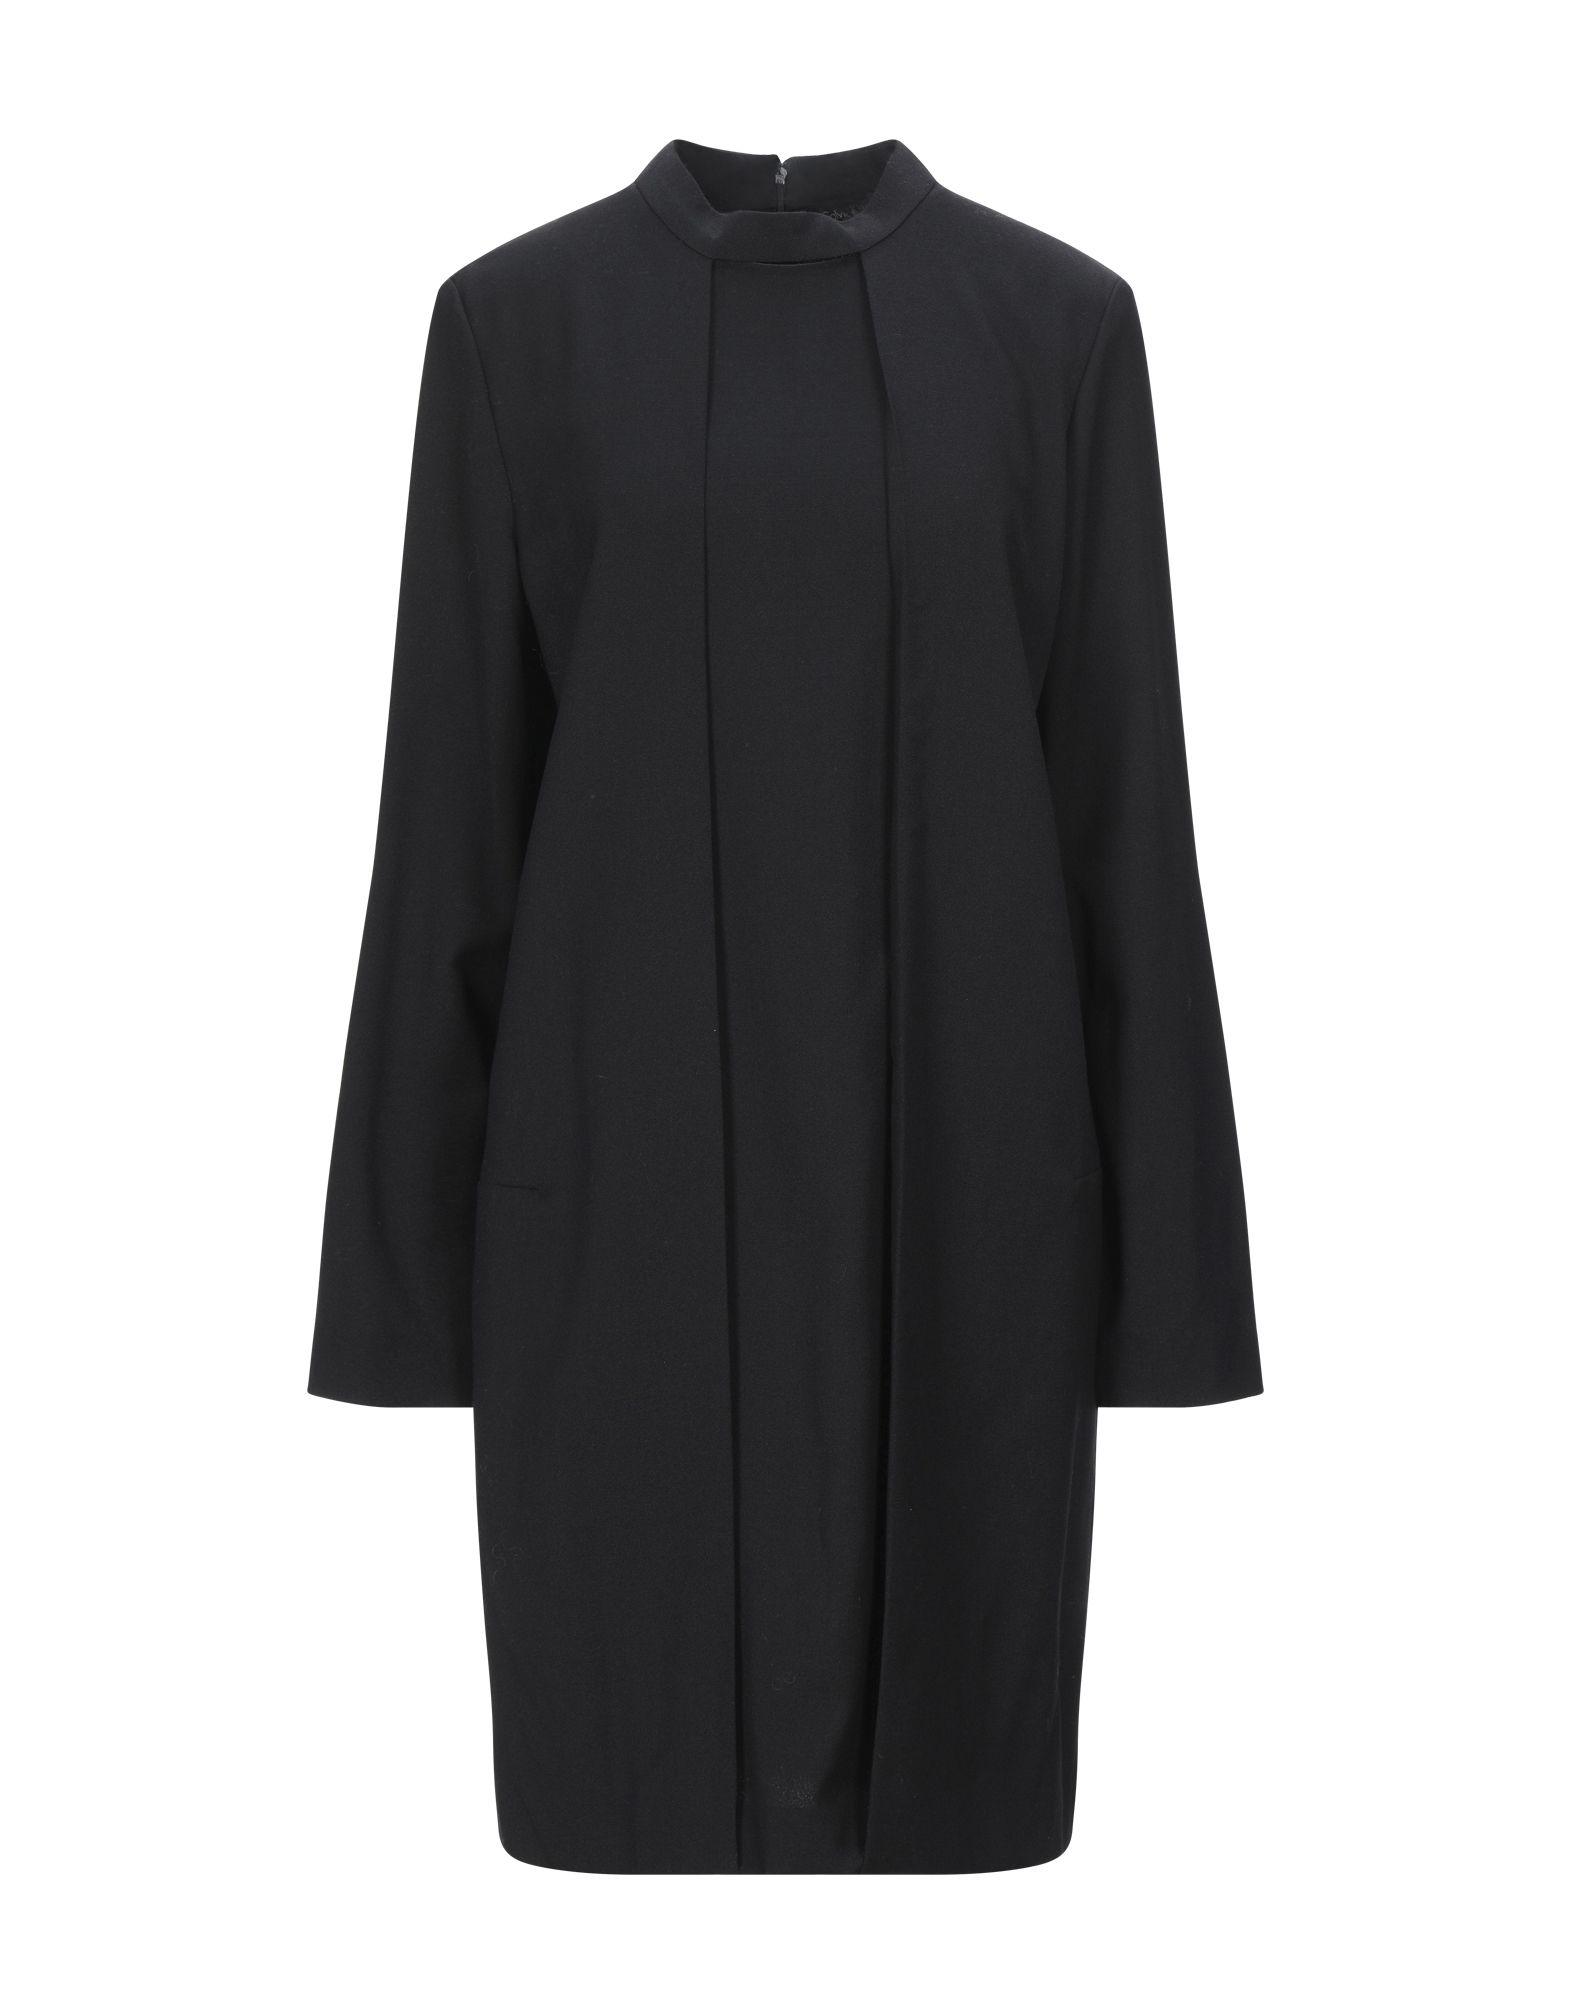 CALVIN KLEIN COLLECTION Короткое платье